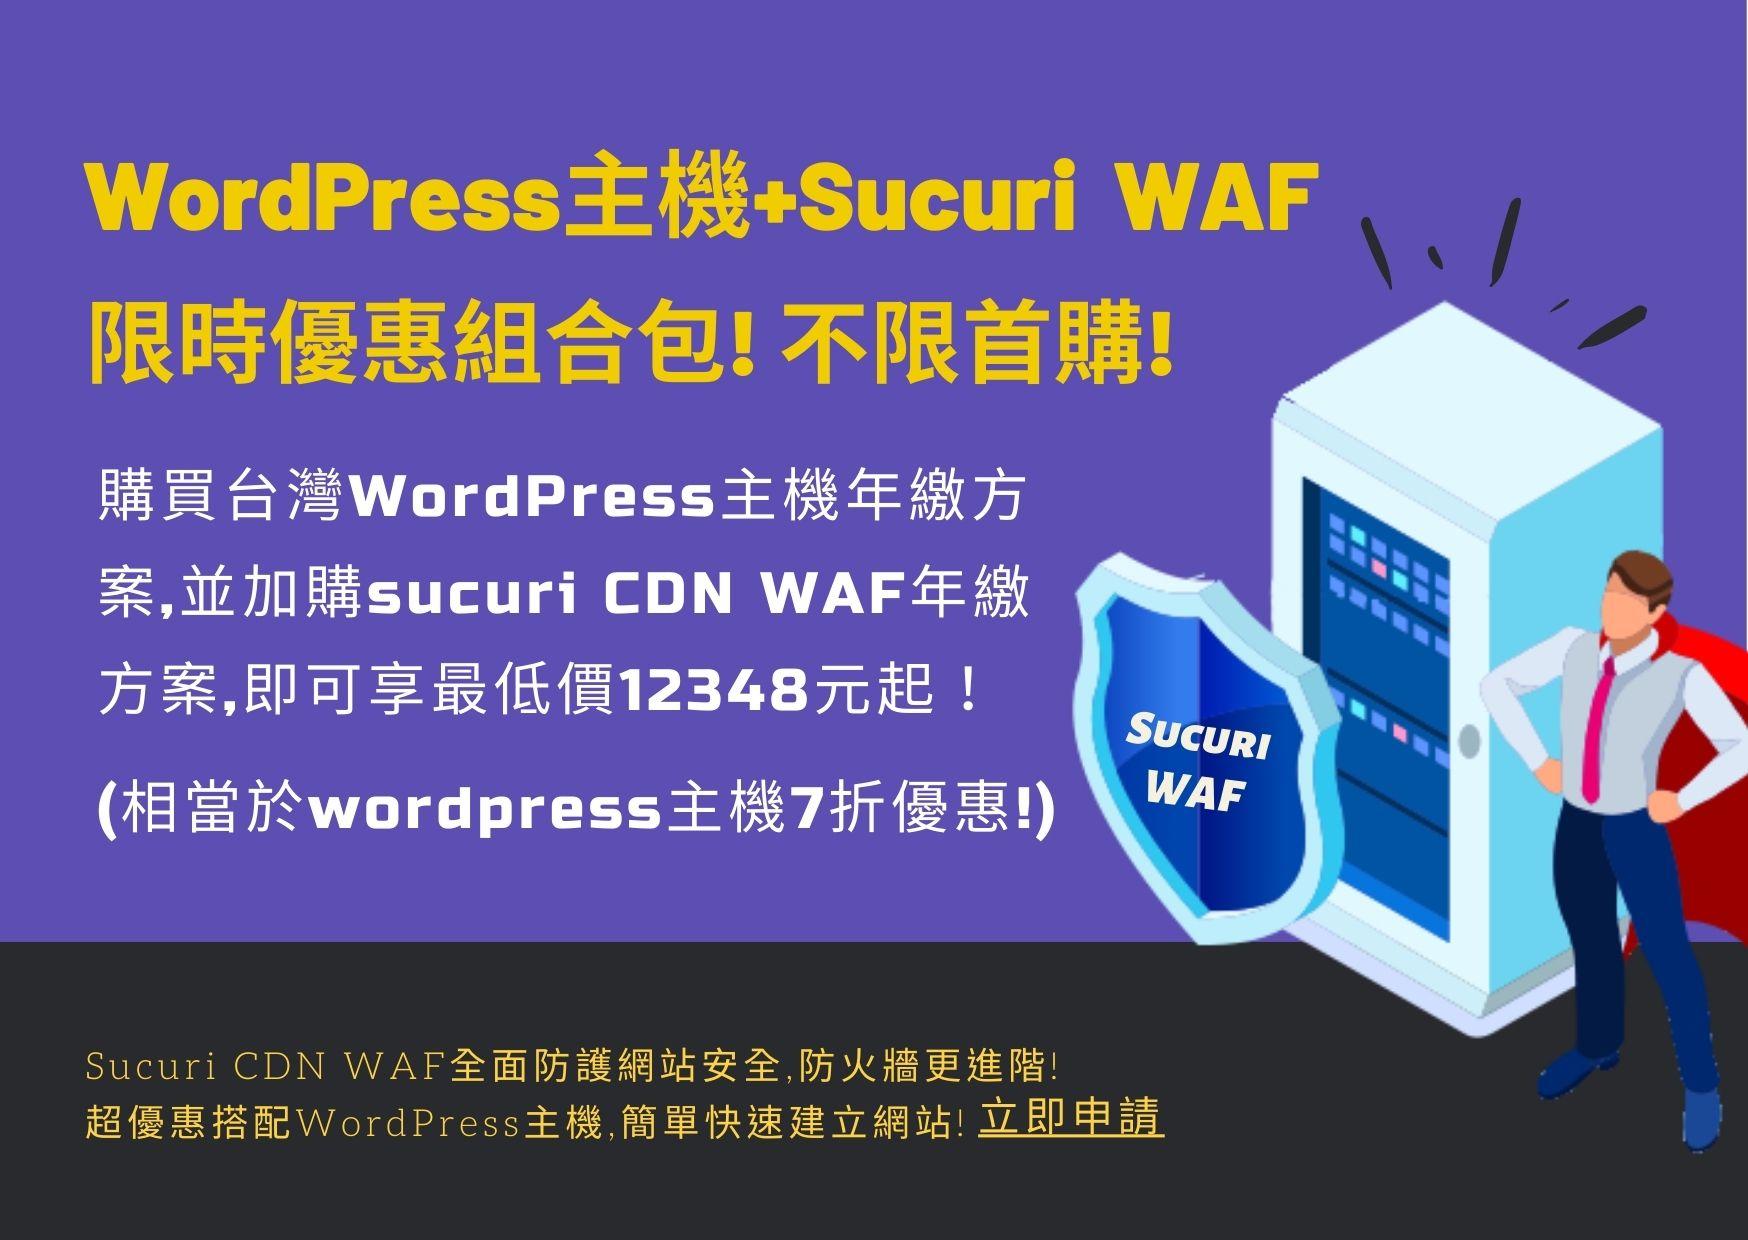 Wordpress主機+Sucuri CDN WAF超值優惠組合價